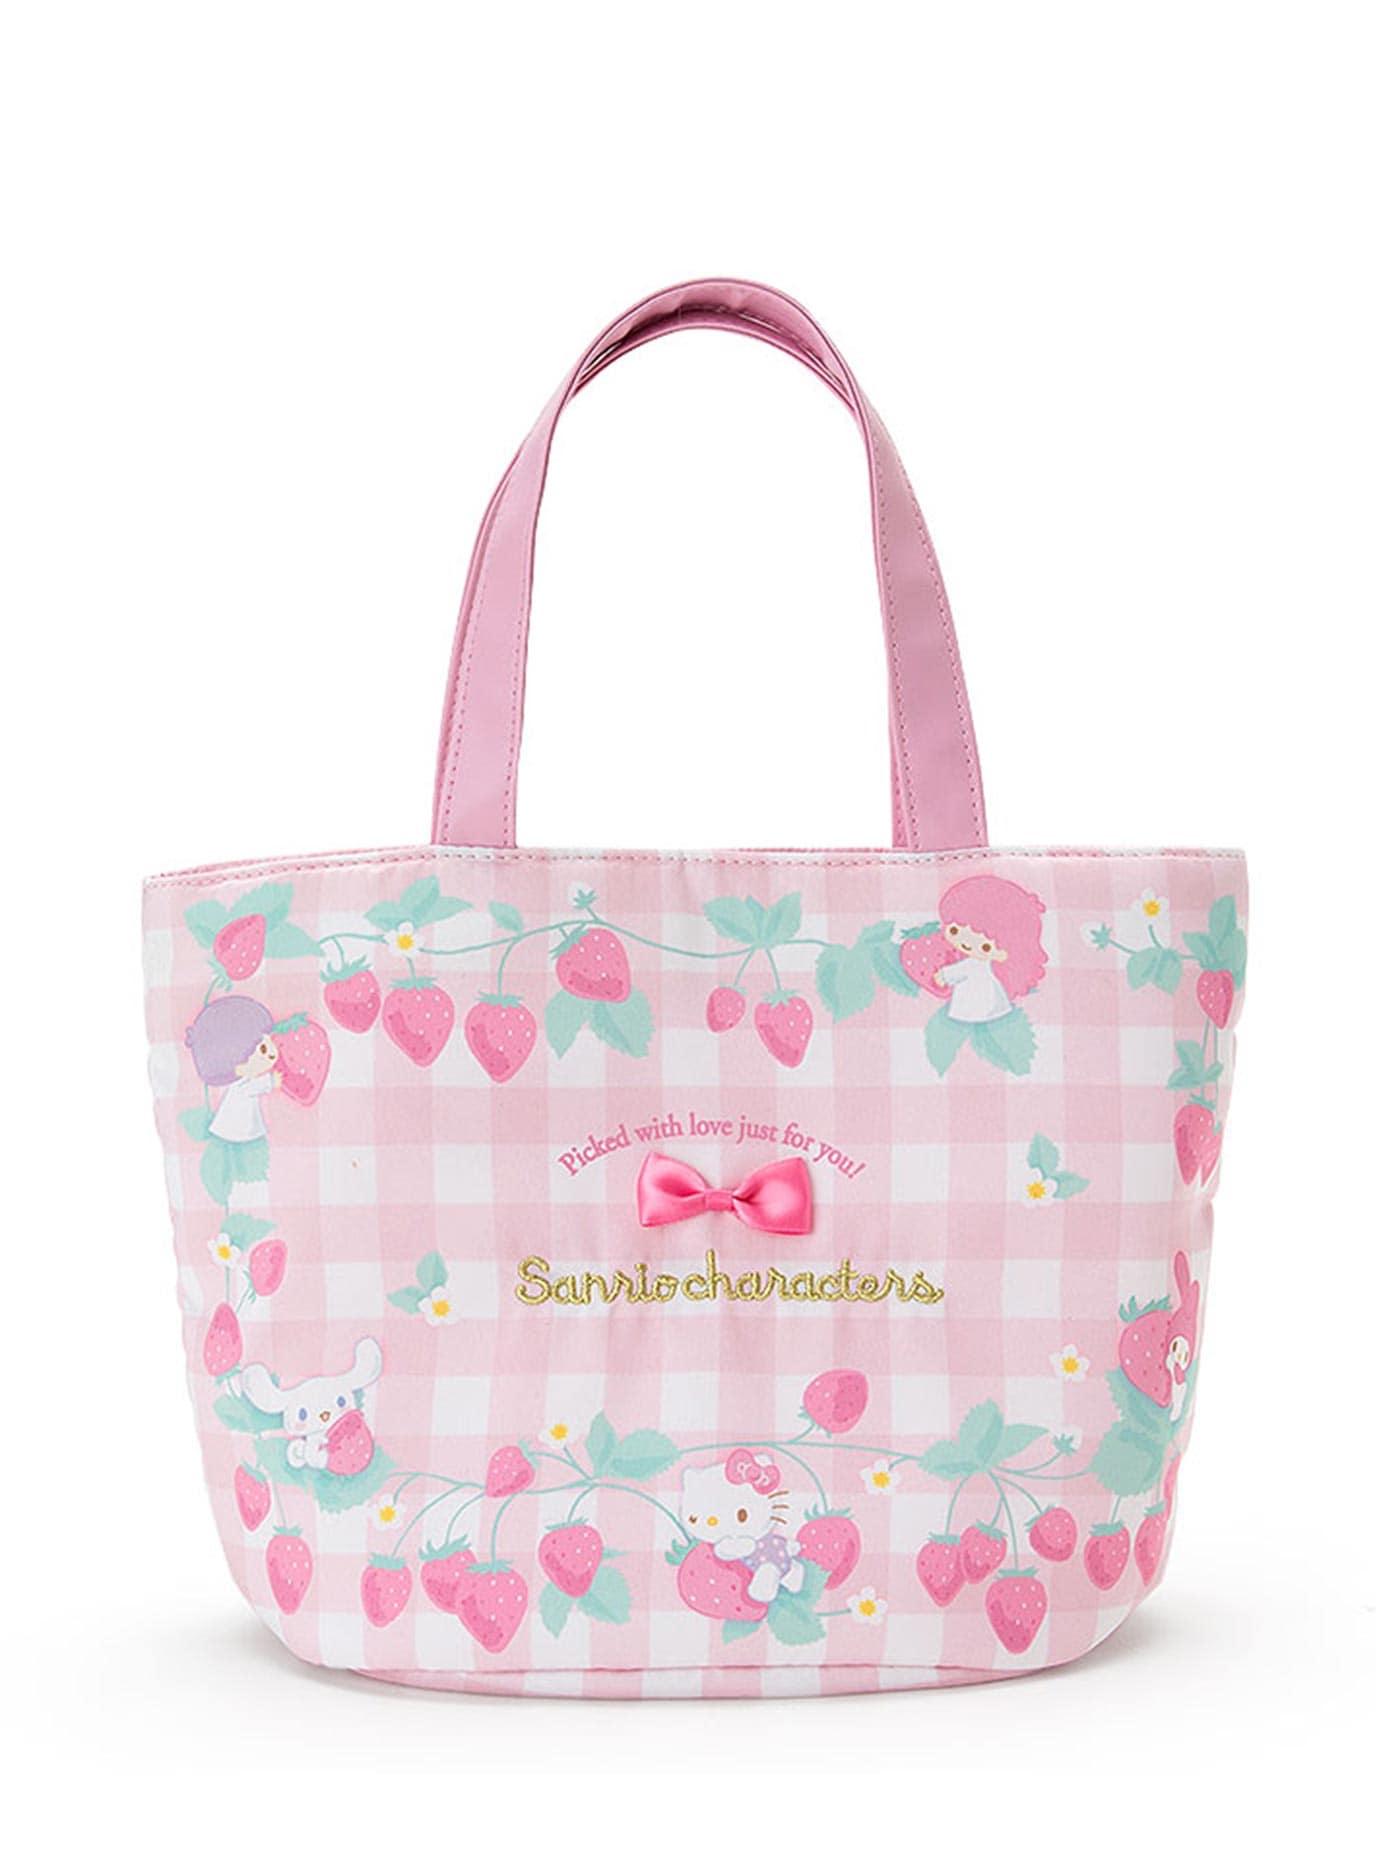 กระเป๋าถือ Sanrio Characters Strawberry สีหลากสี